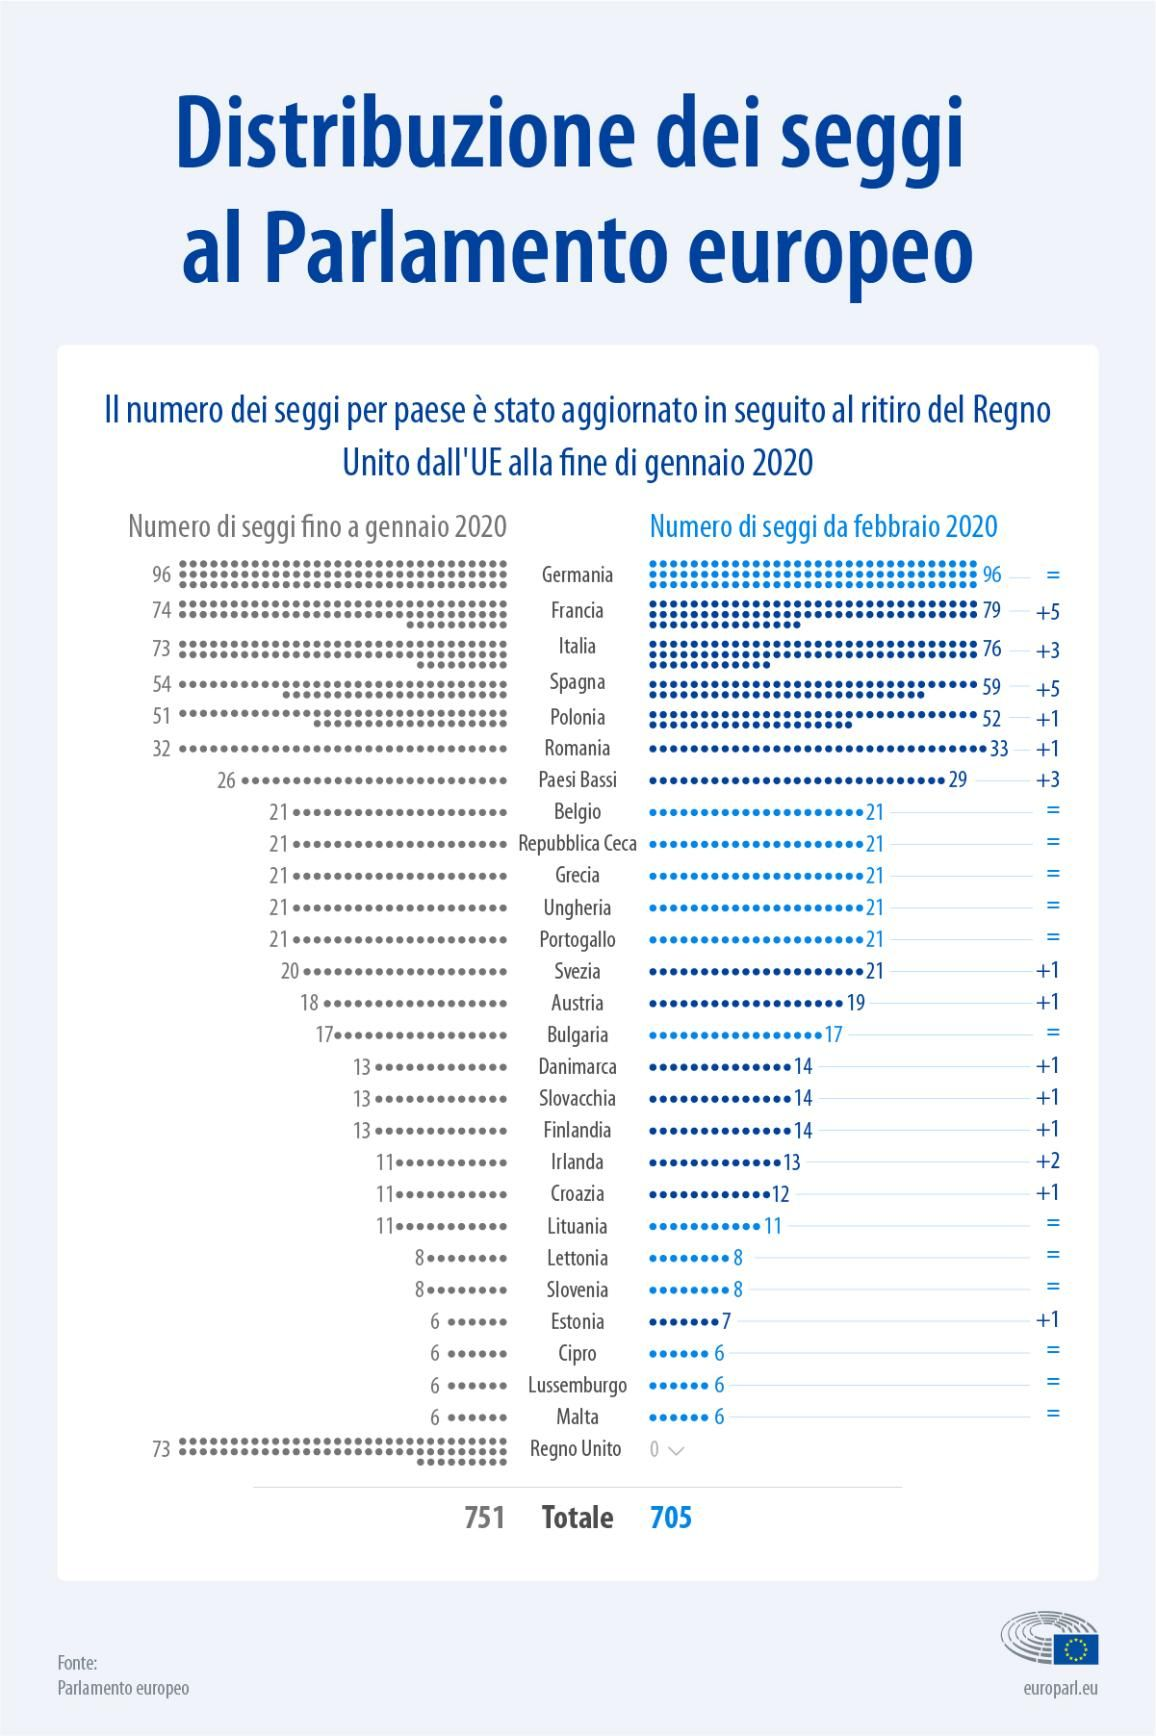 Infografica Quanti Seggi Ha Ogni Stato Membro In Parlamento In